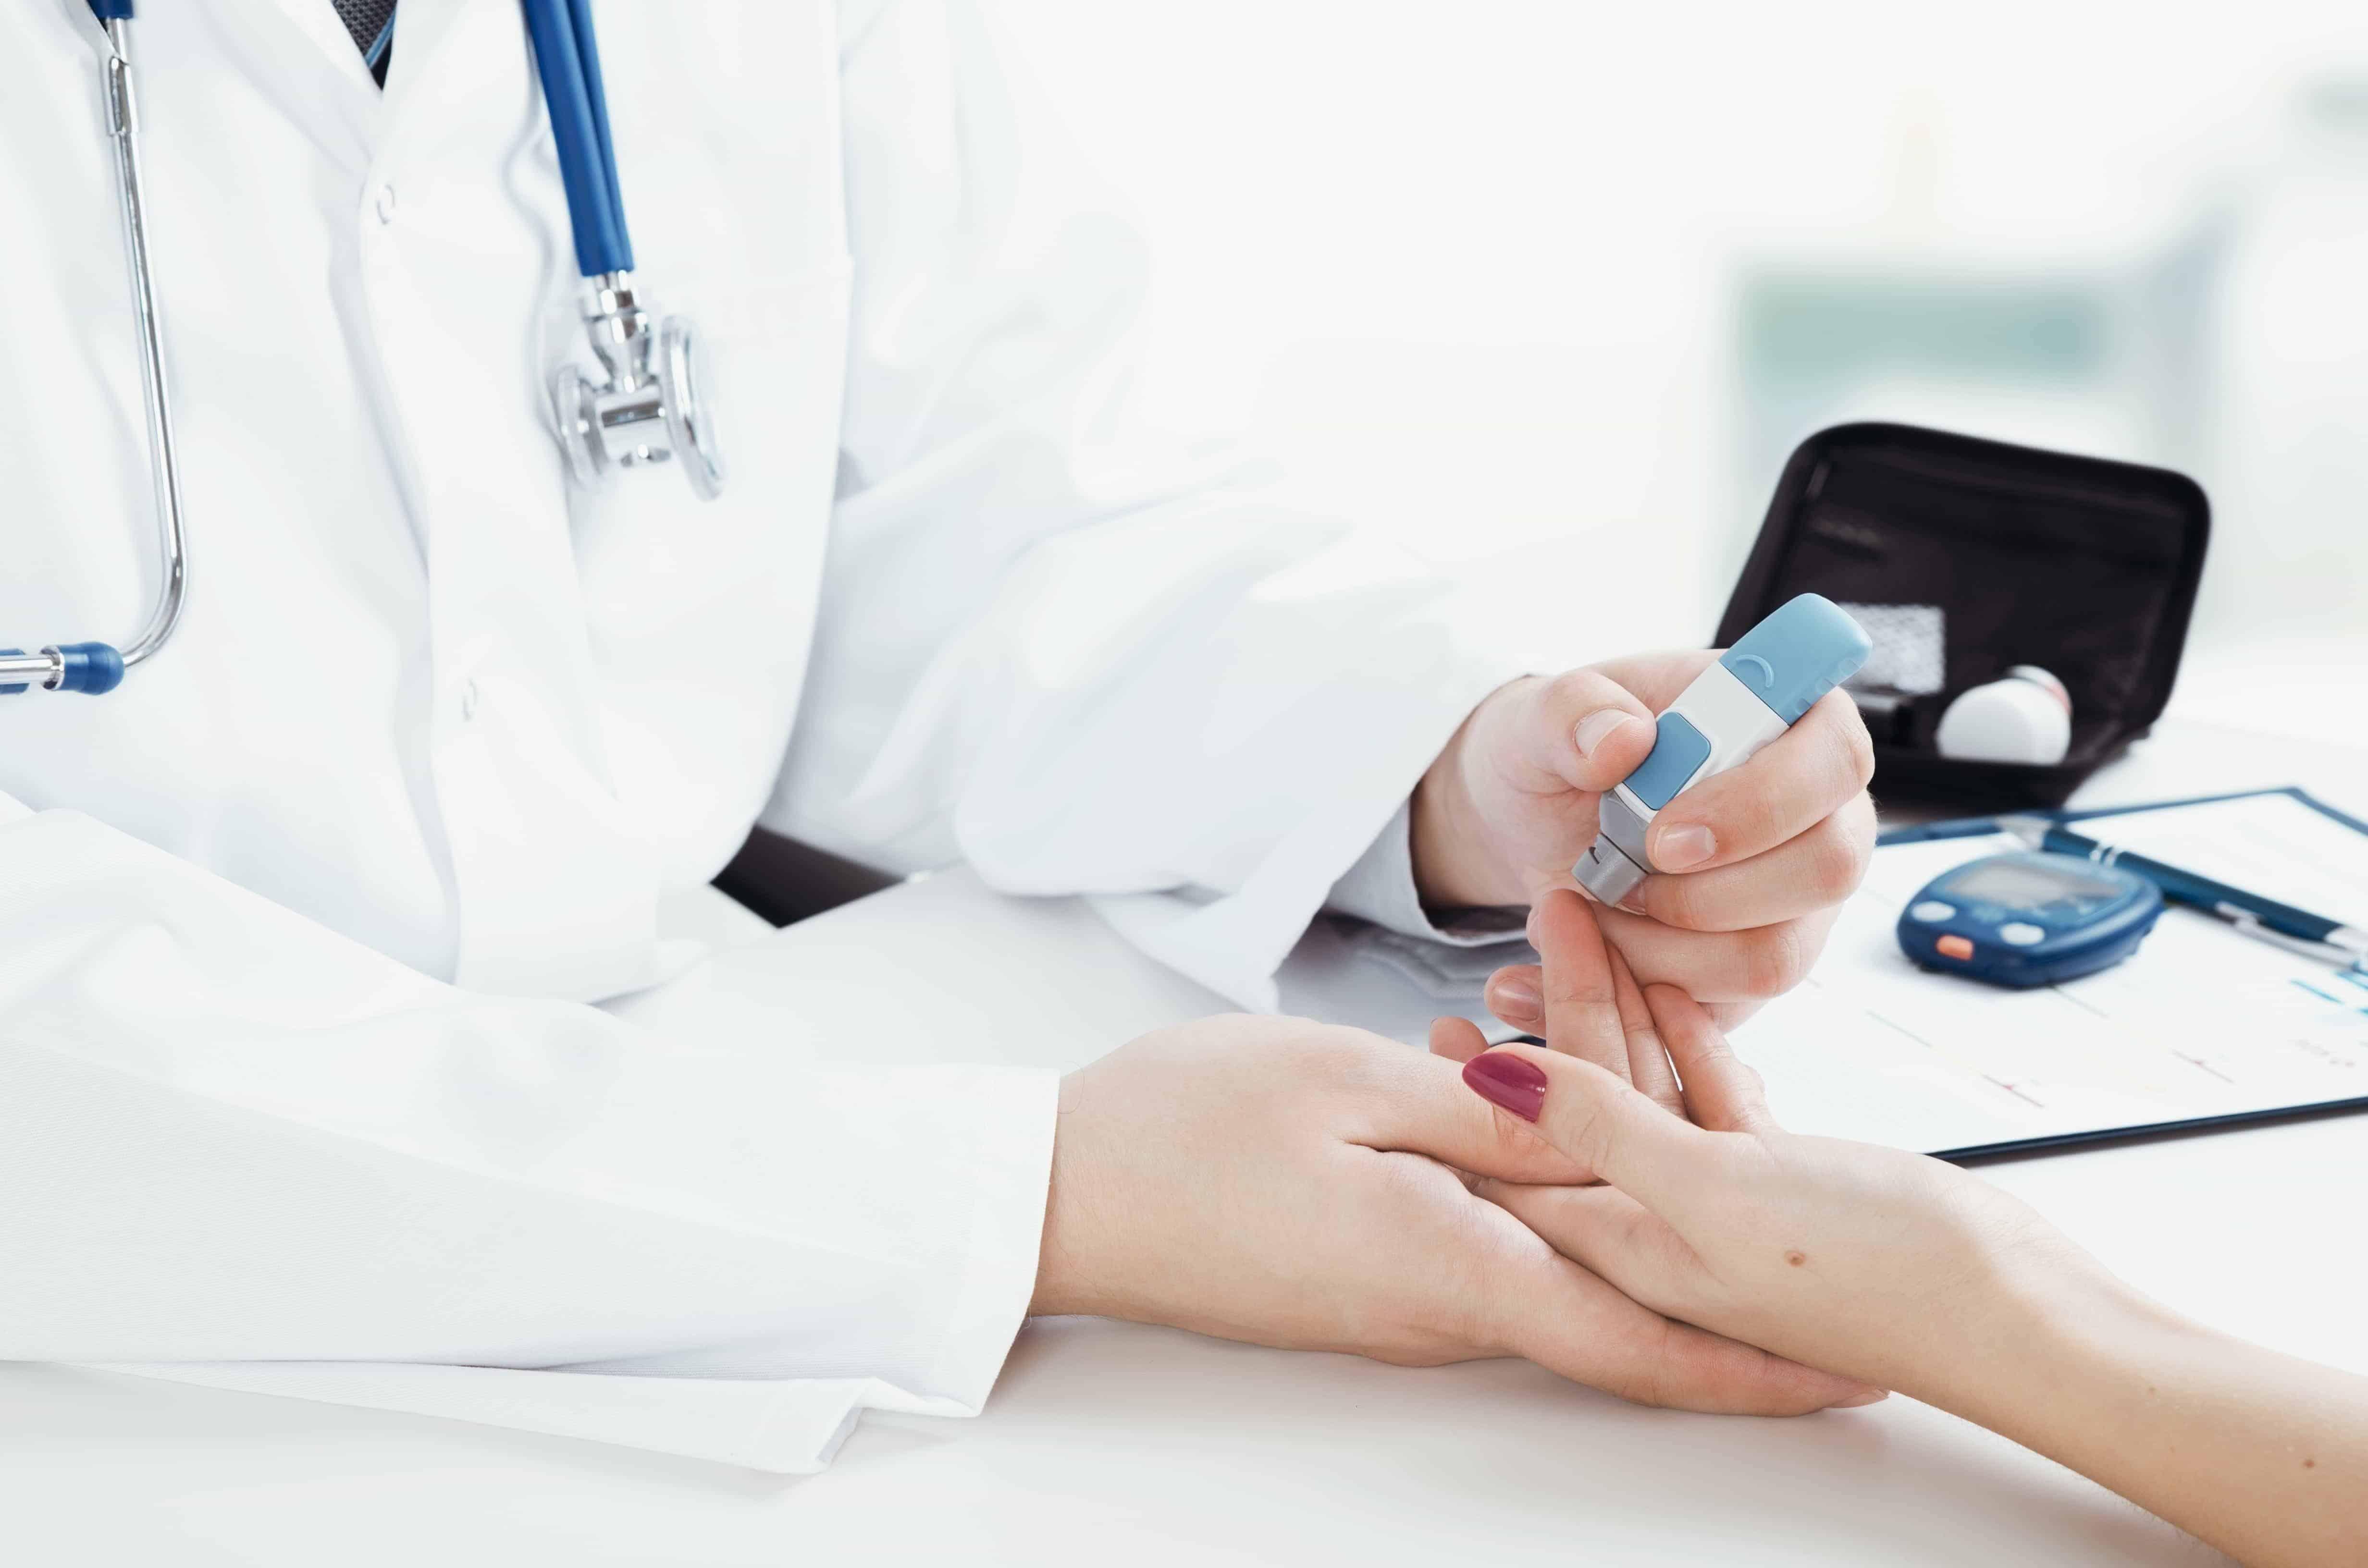 Angst vor Blut ist natürlich | Hypnose kann Dir helfen, Deine Angst zu verringern